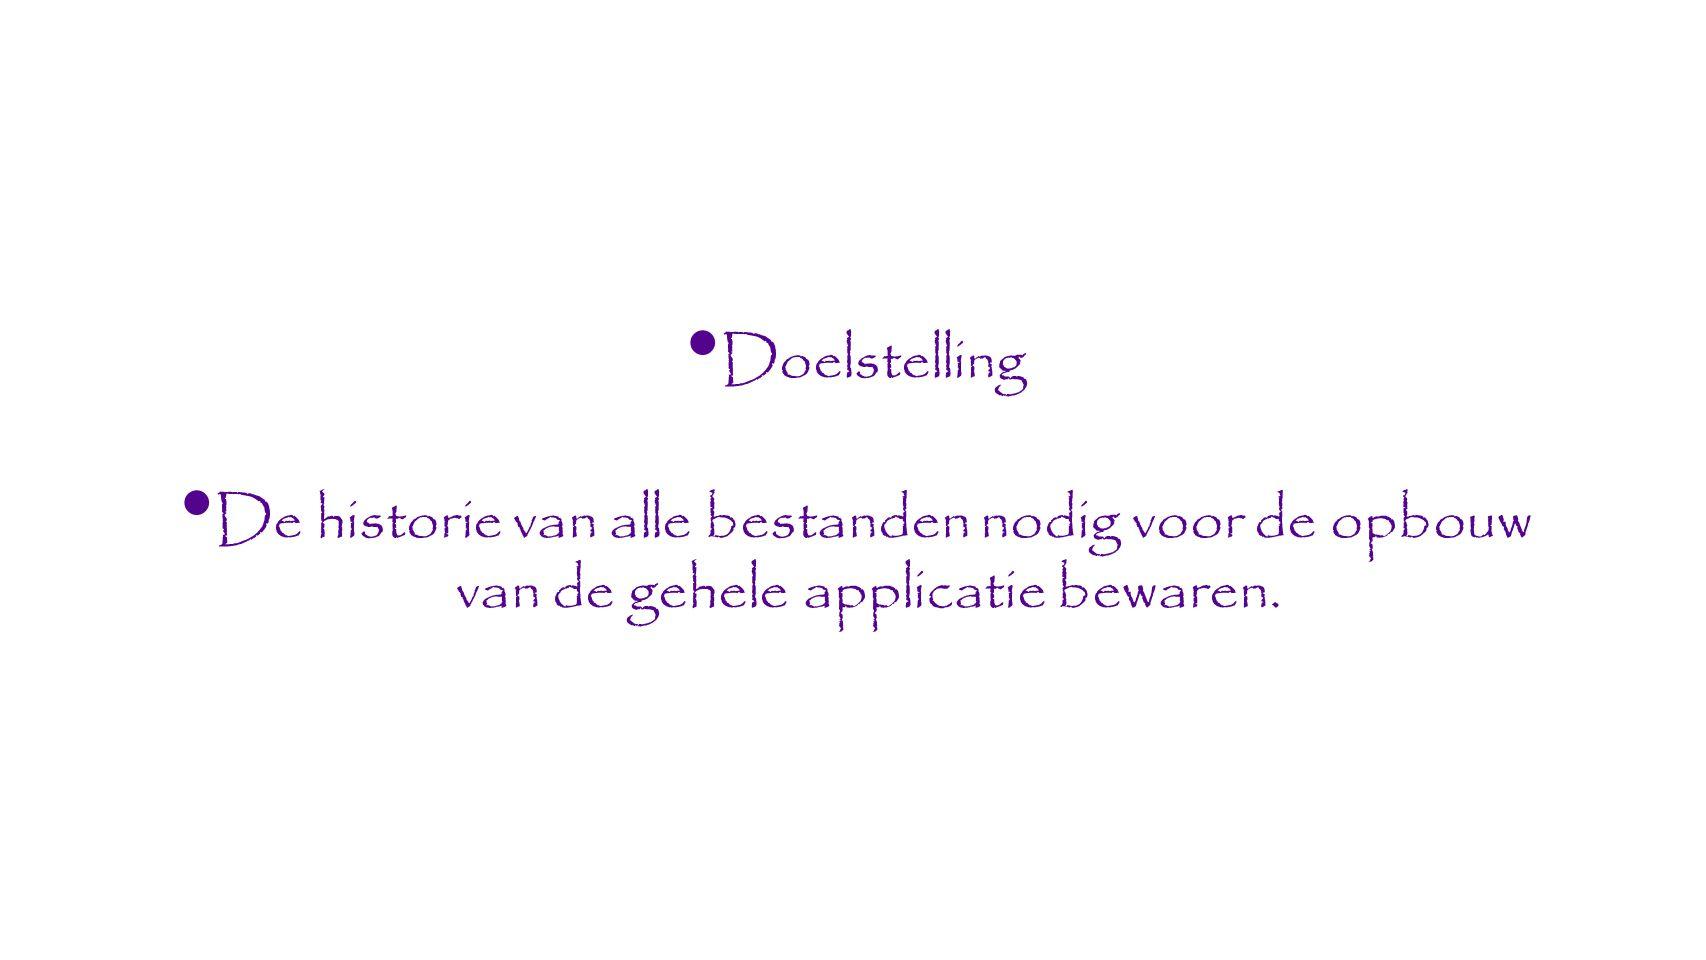 remark remark install_apex.sql remark remark Rob van Wijk, 6 juni 2012 remark define SCHEMAPREFIX= &1 define APPLICATIE= sca prompt *************************************************************************** prompt Installeer APEX-gedeelte van &APPLICATIE in de werkruimte horend bij schemaprefix &SCHEMAPREFIX.